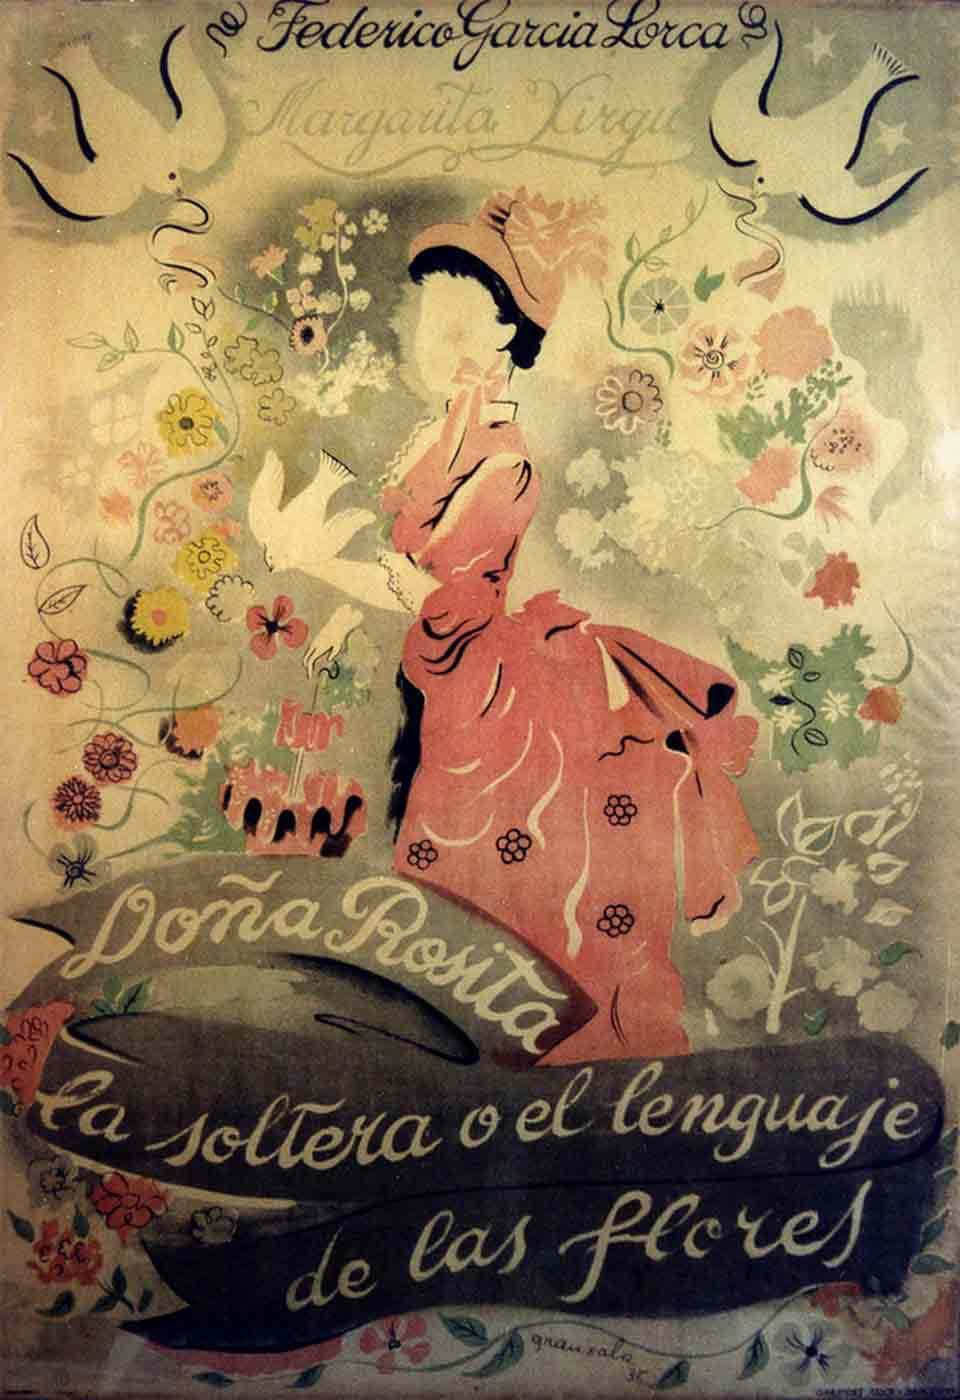 Cartell d'Emili Grau i Sala (1911-1975) per a l'obra Doña Rosita la soltera o el lenguaje de las flores, de Federico García Lorca, estrenada per la Compañía Margarita Xirgu el 1935 a Teatre Principal de Barcelona